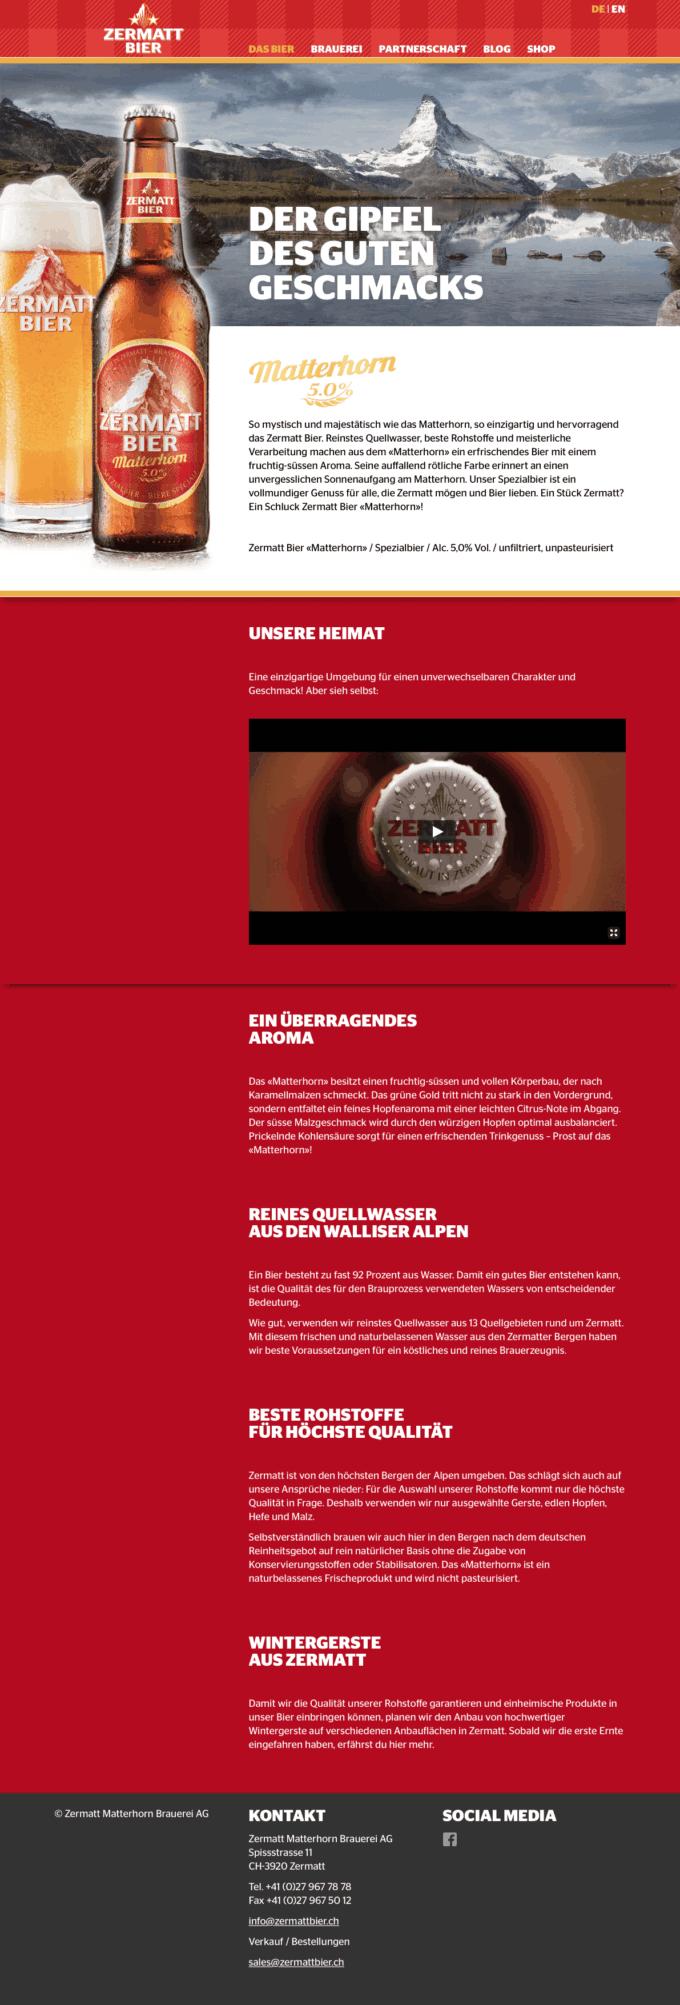 Zermattbier Webdesign 2 Webdesign Bern Schweiz